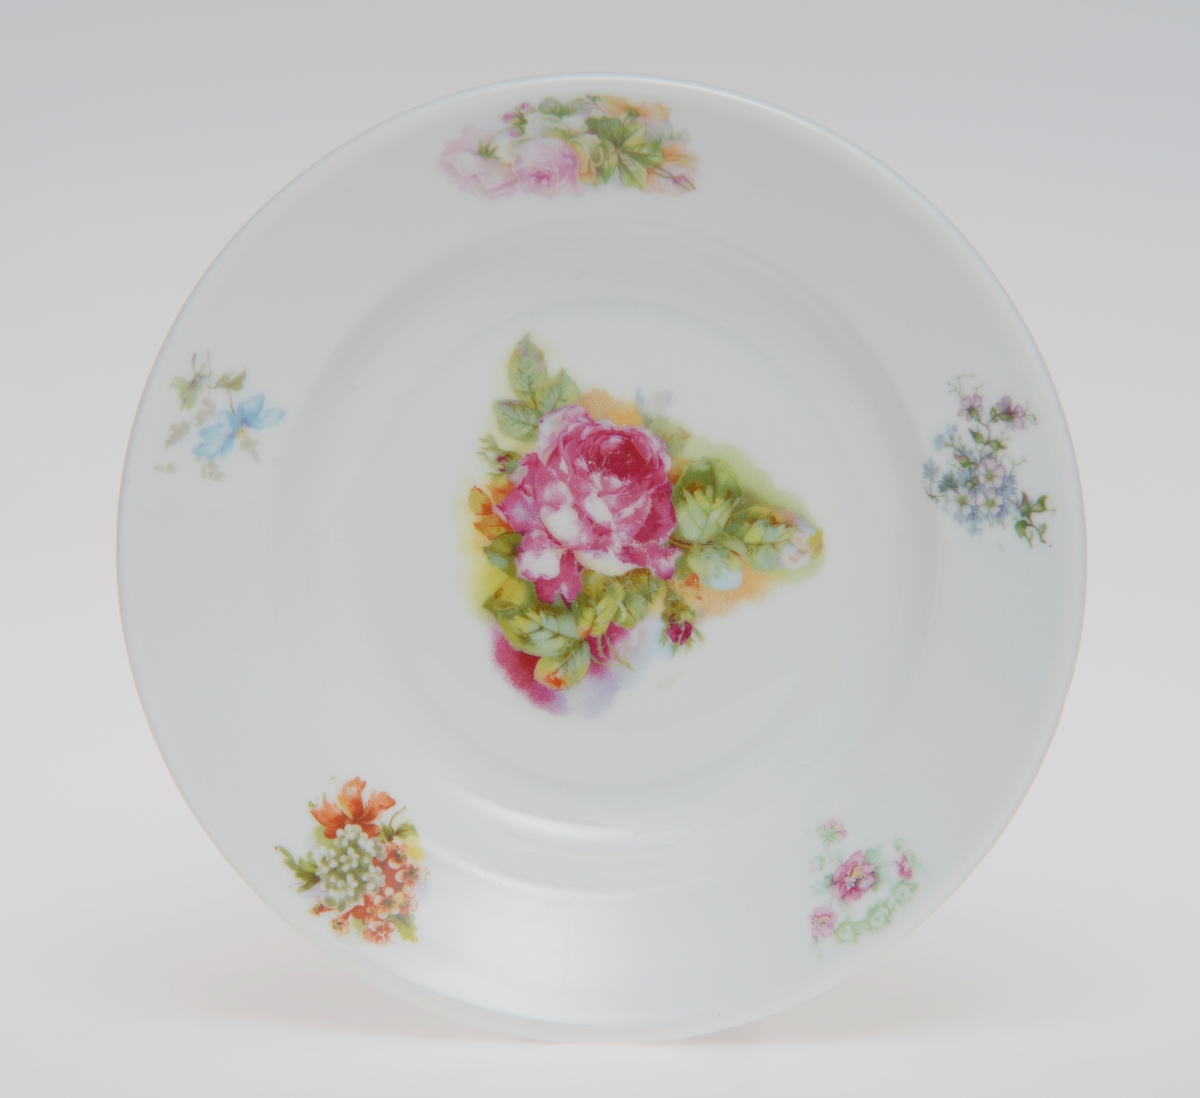 Dekorert med diverse små blomstermotiv rundt ved kanten, og hovedmotivet er èn stor blomst i midten av skålen. Ingen av dessertskålene har samme blomstermotiv, men er fortsatt fra samme sett. Se bilder for de forskjellige motivene.